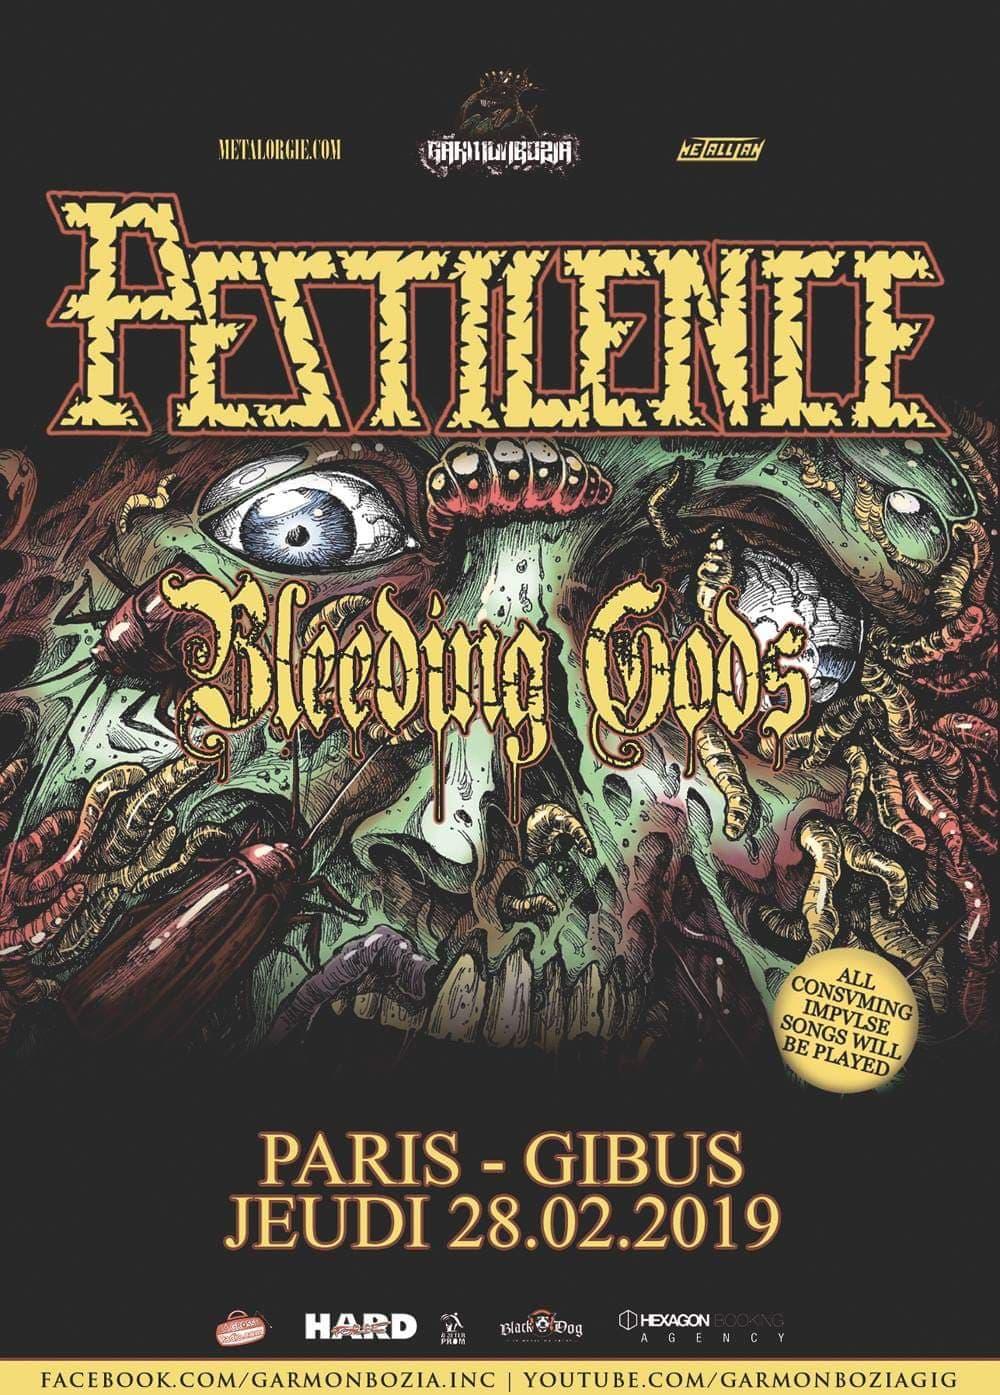 Pestilence + Bleeding Gods